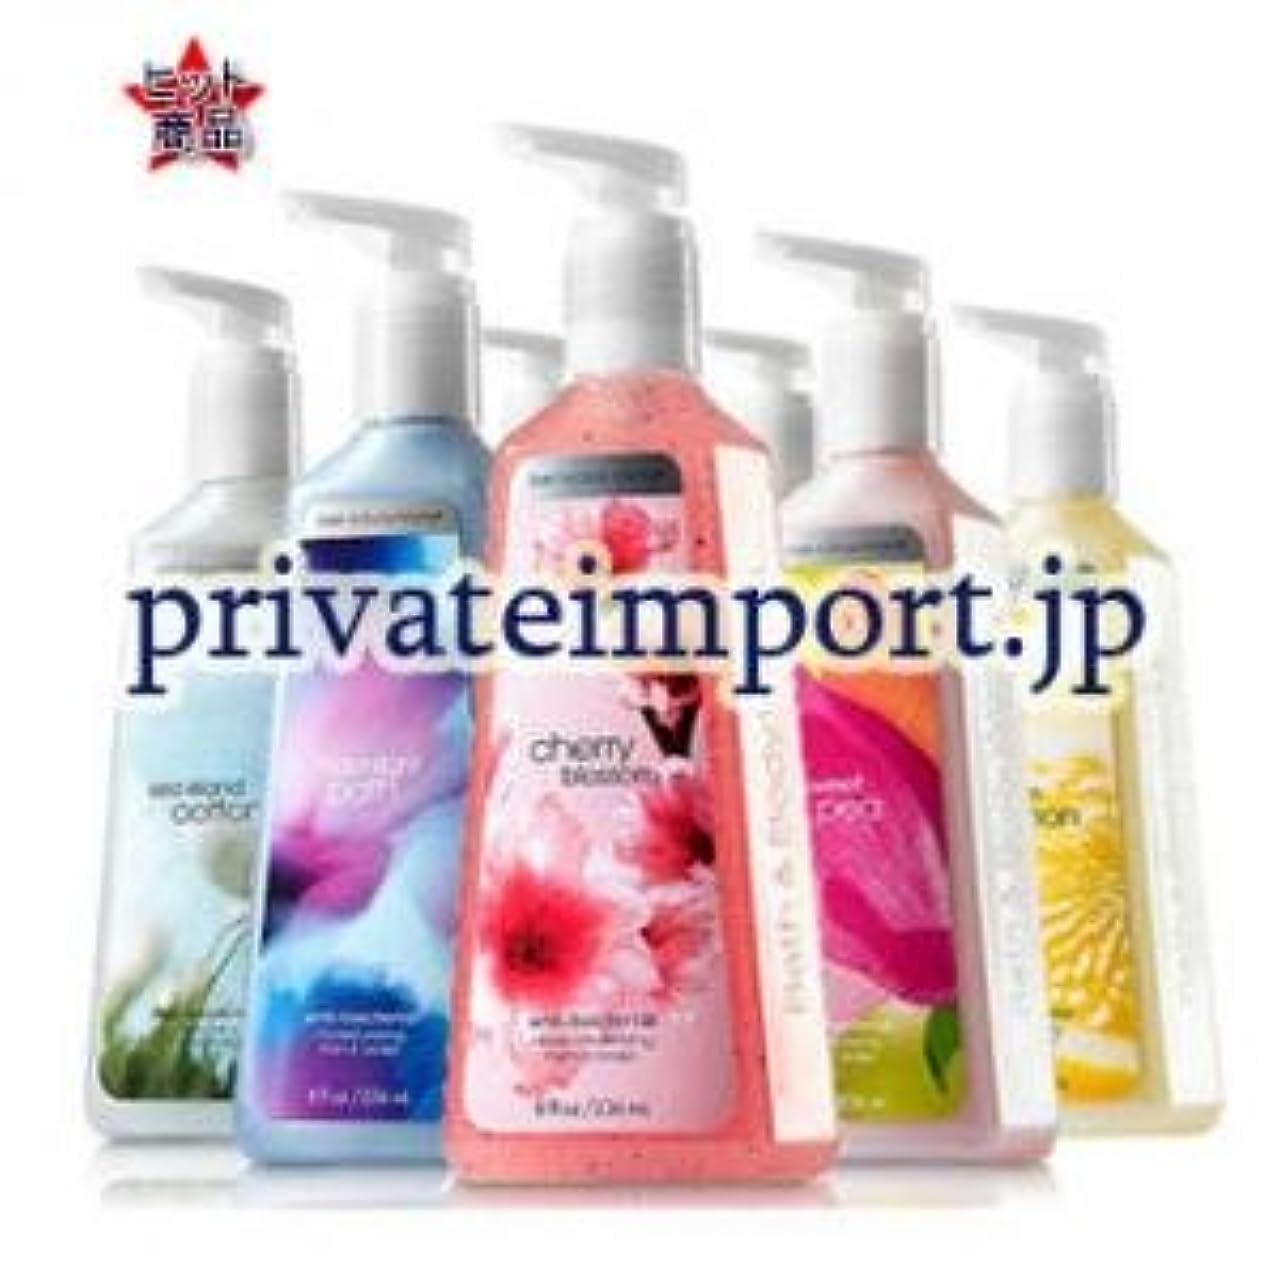 魅惑する消化器感心する【バス&ボディワークス】 Bath & Body Works/Hand Soap / ハンドソープ24本セット (香りはお任せ)